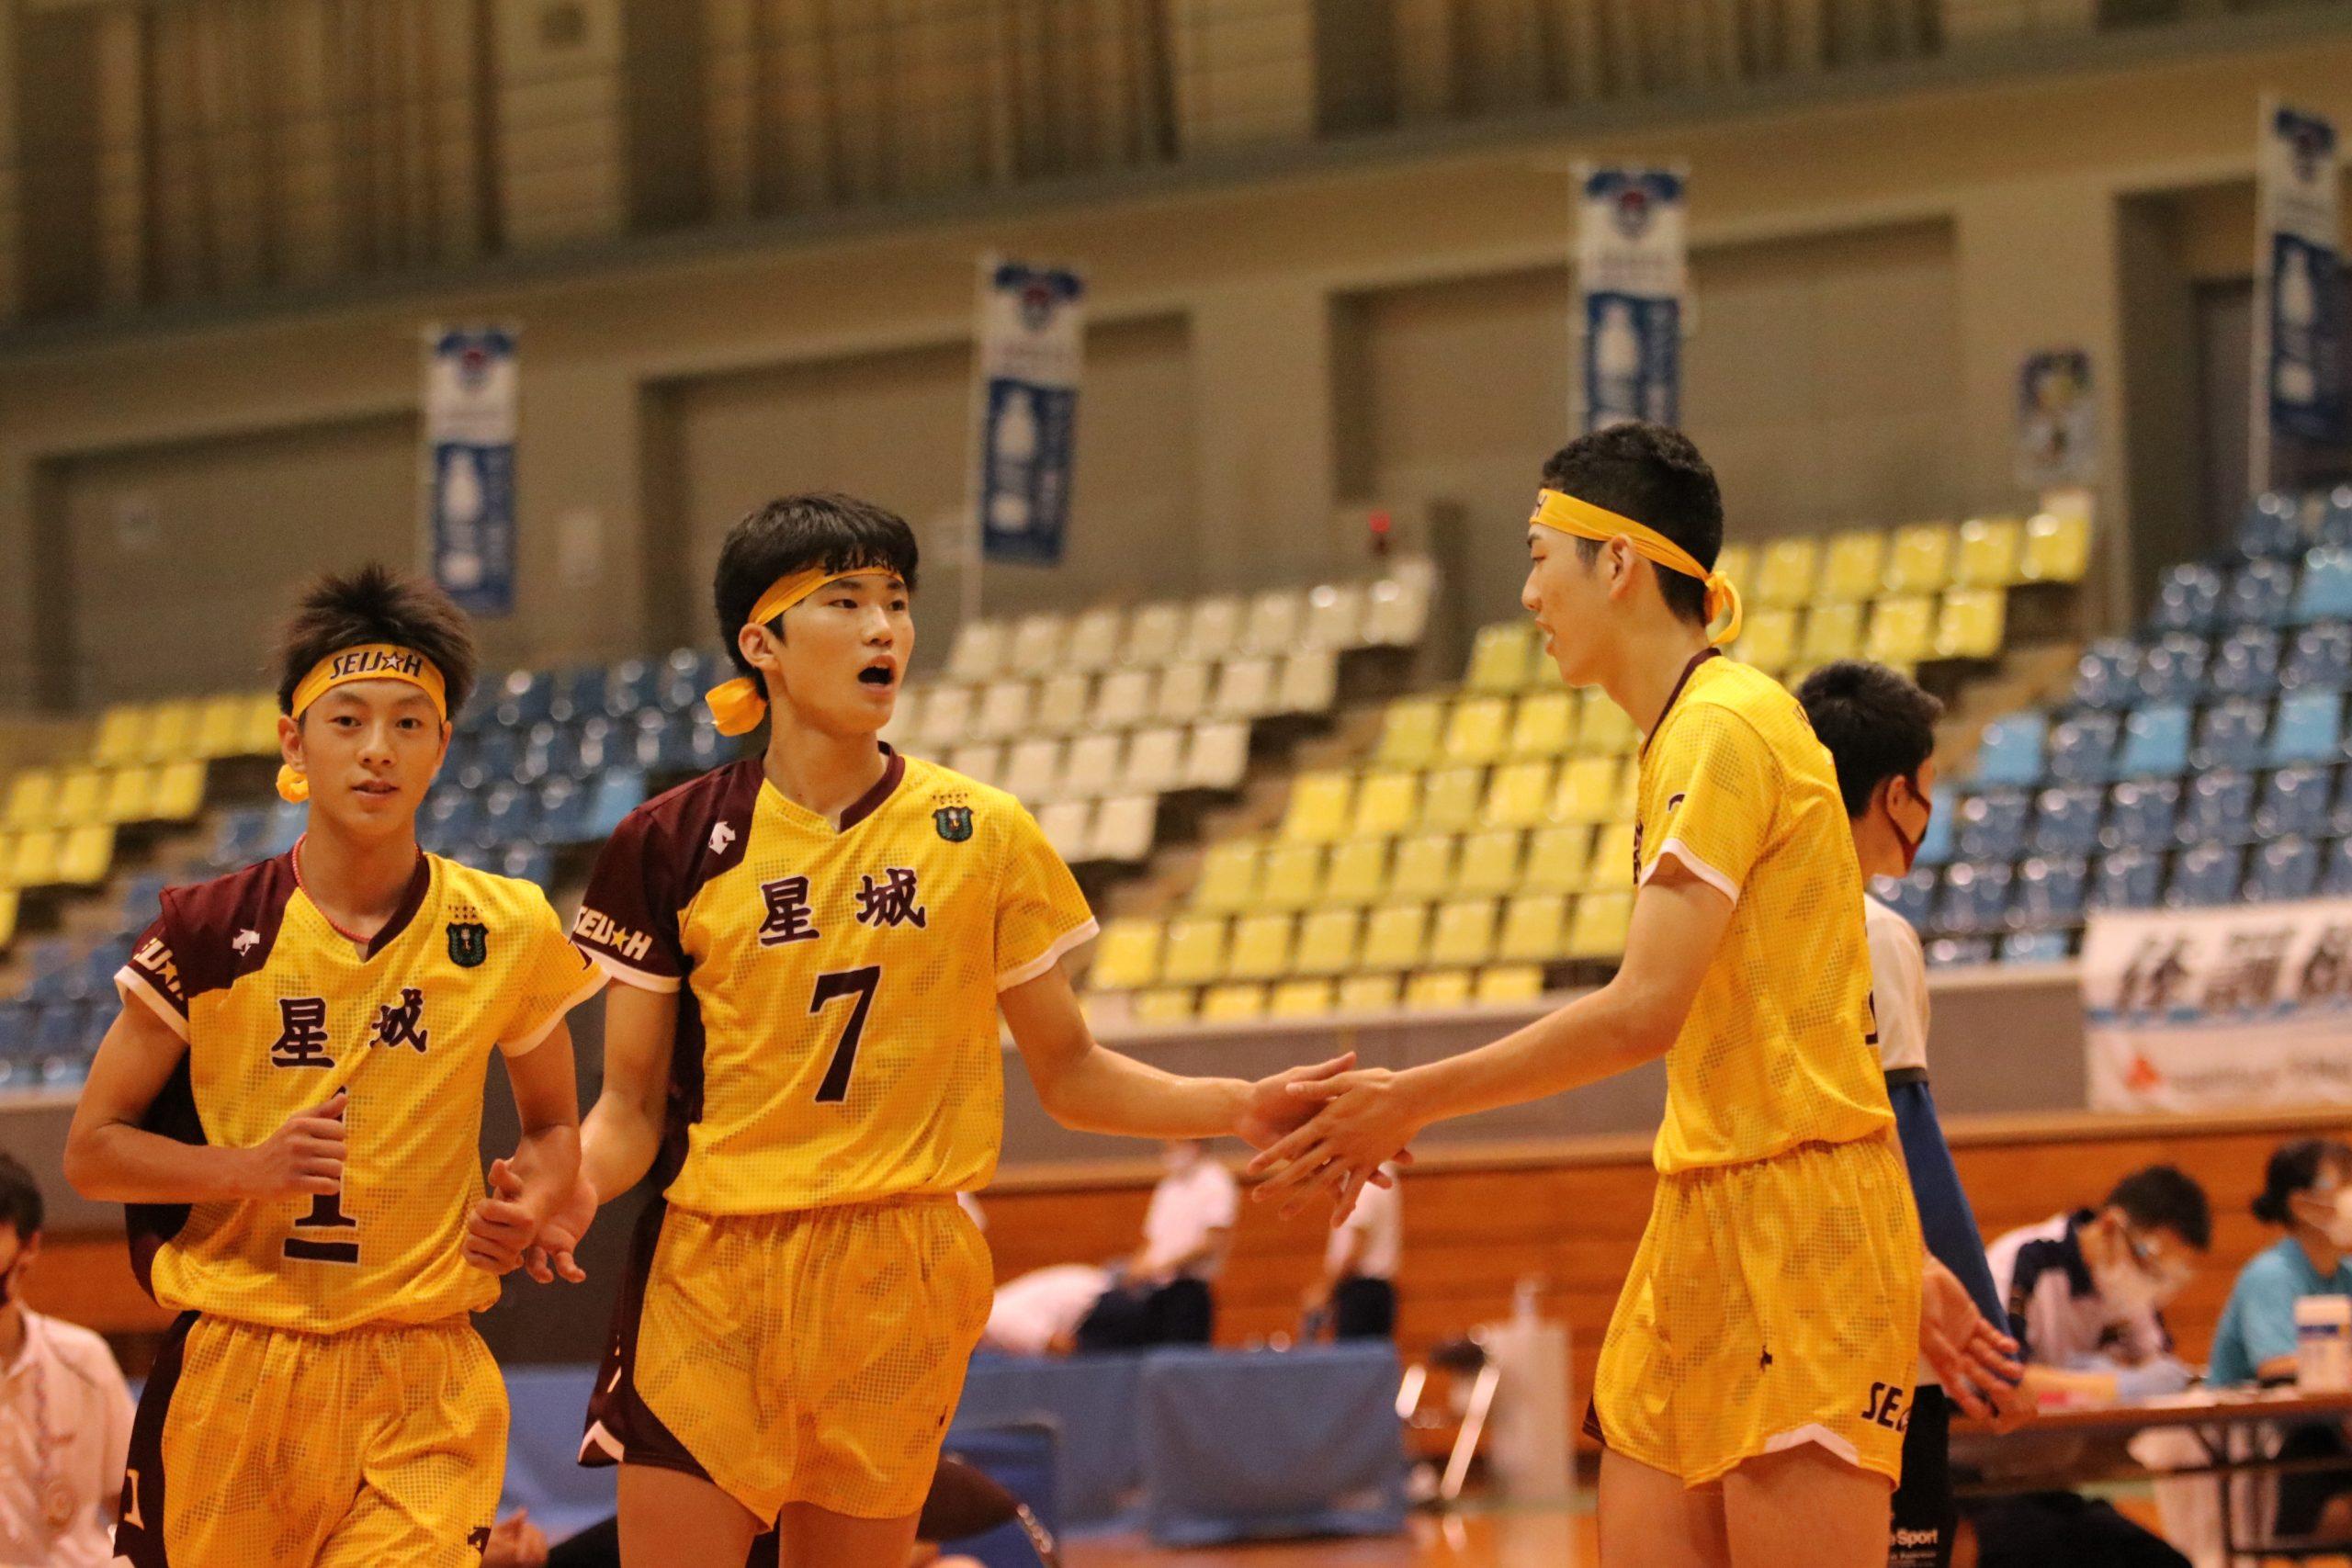 インターハイ男子 予選で駿台学園と鎮西が激突 4日から決勝トーナメント